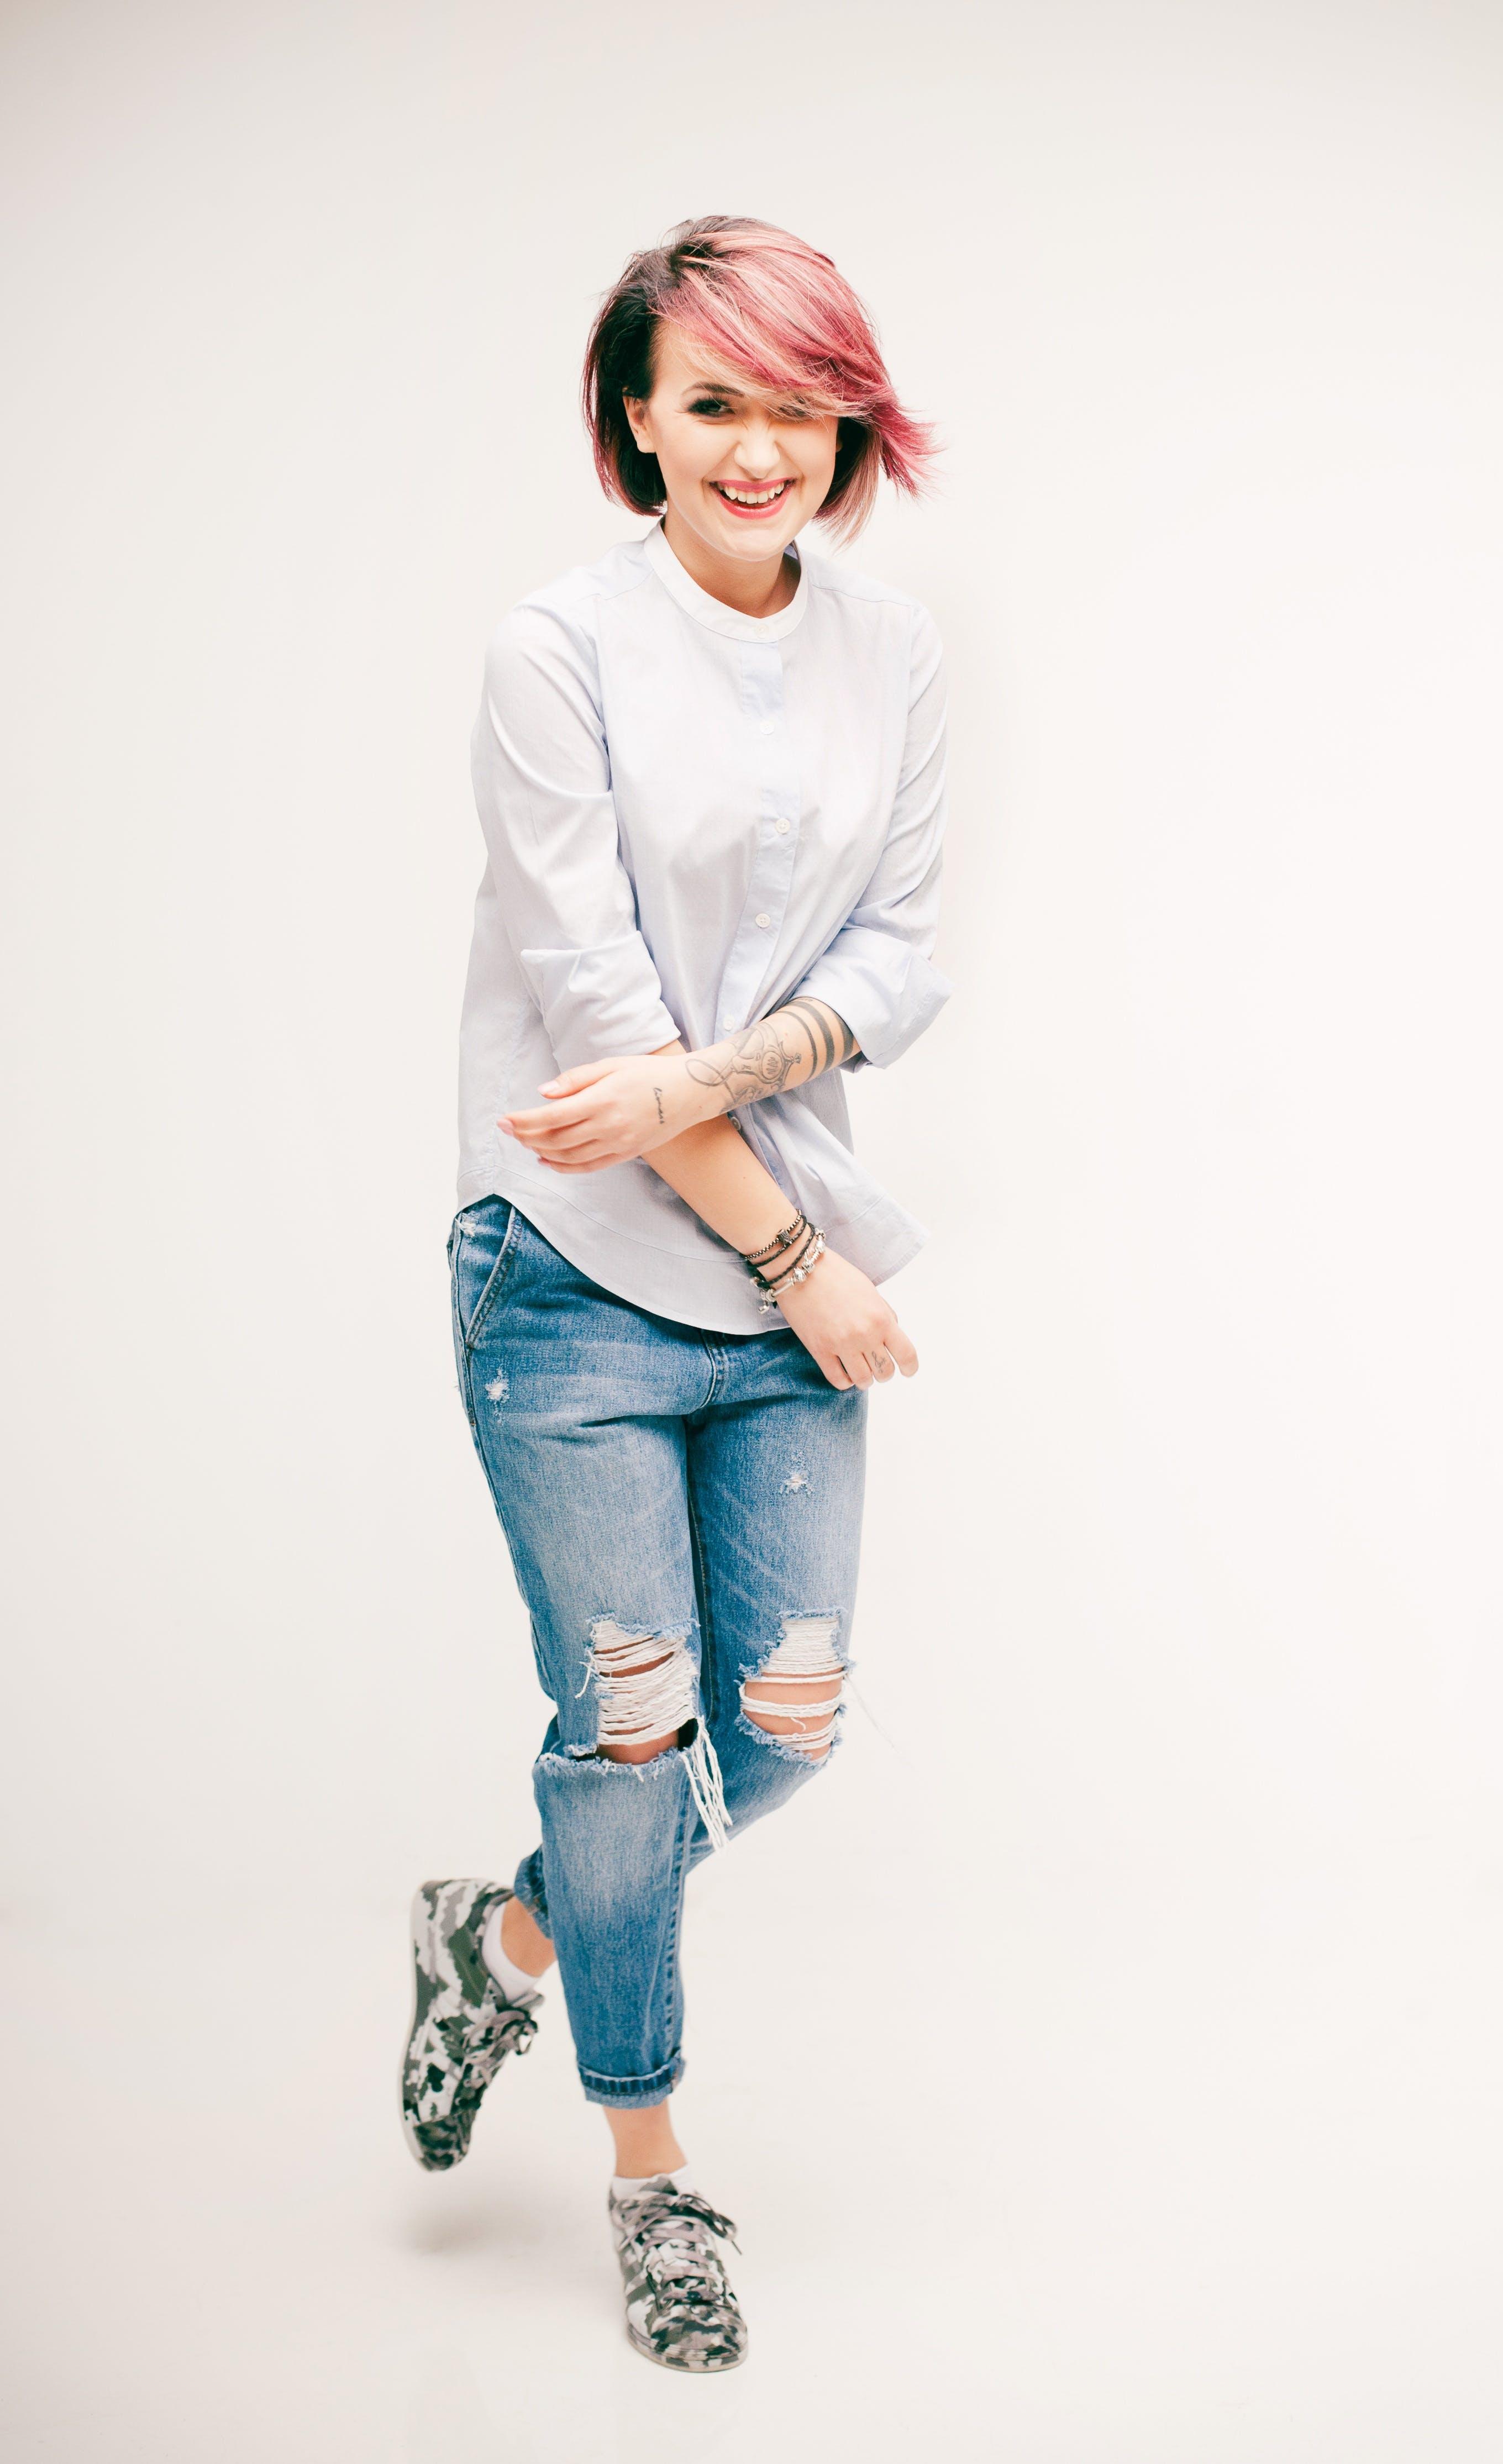 Free stock photo of fashion, girl, portrait, smile